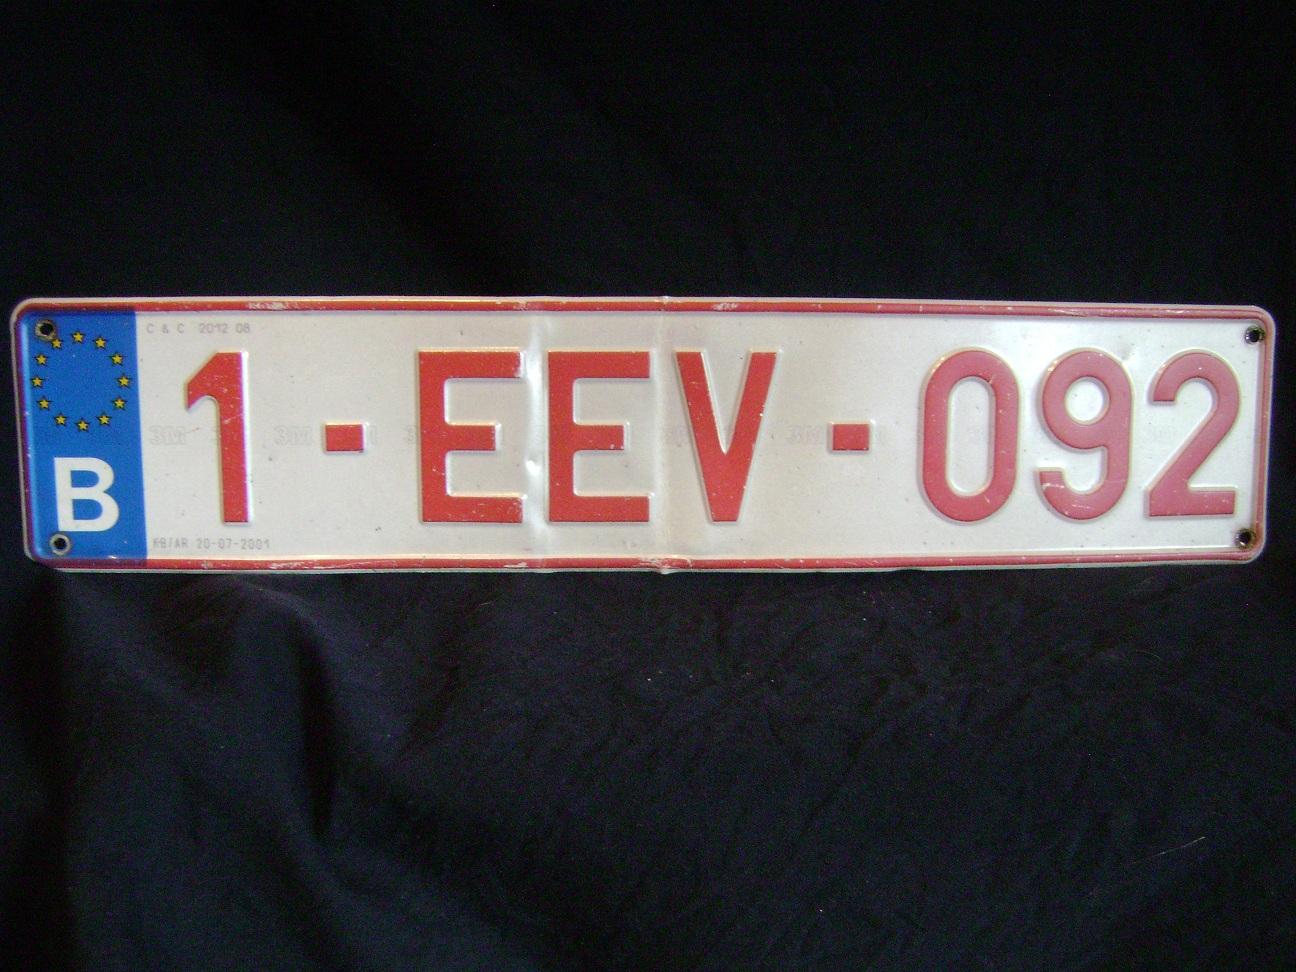 Tablica_Belgija_1-EEV-092__1.JPG